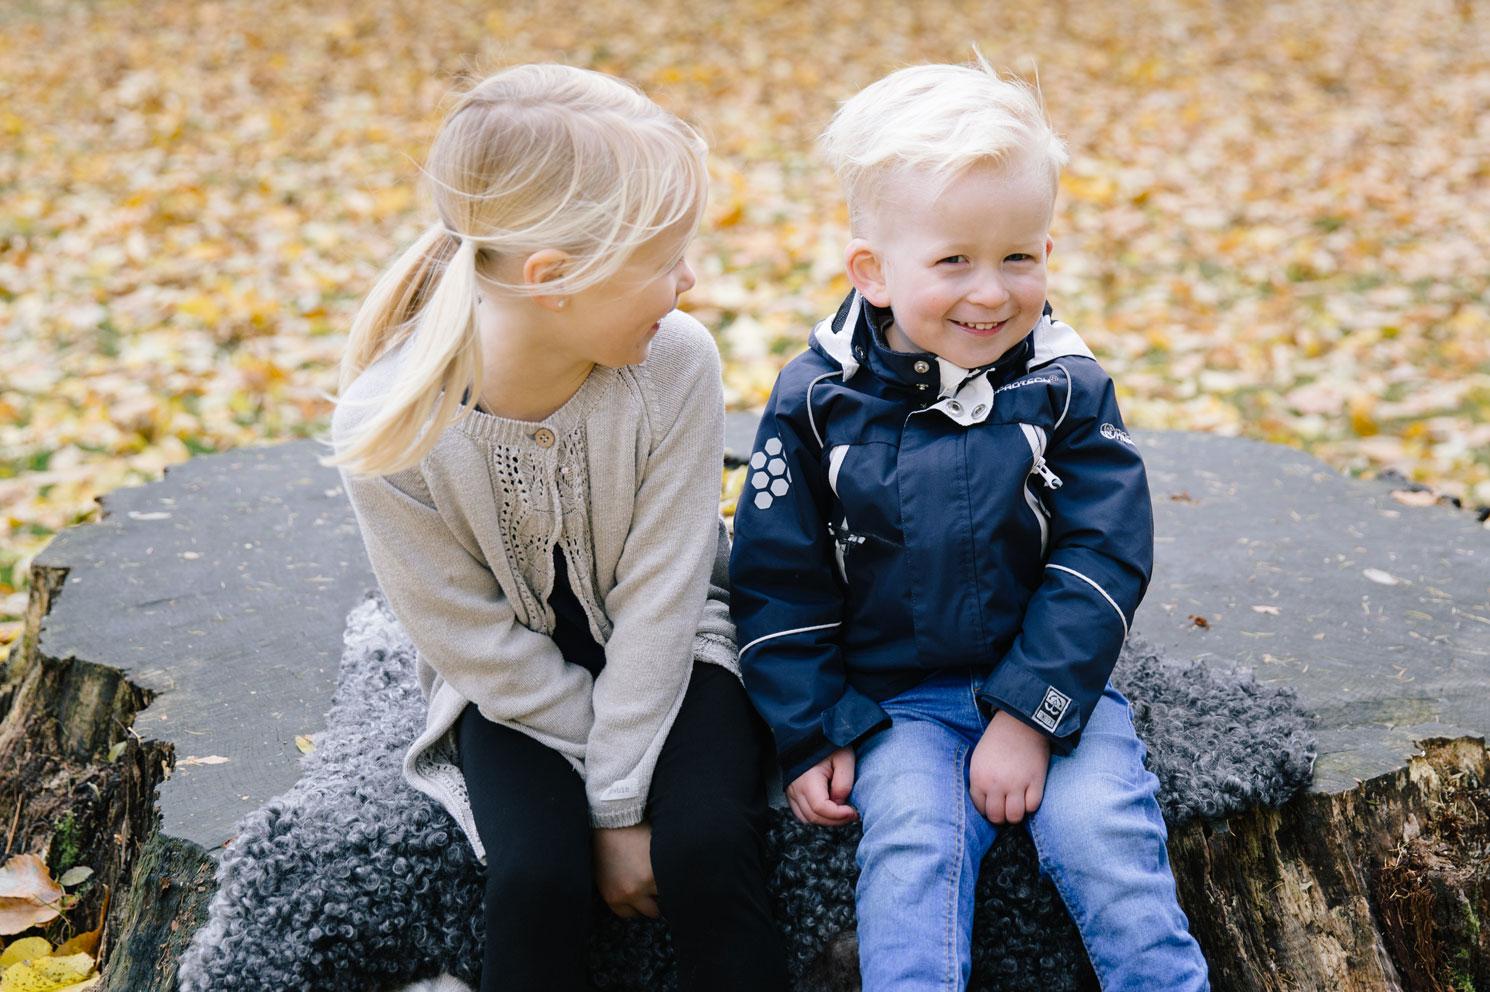 syskonfotografering-beloved-moment-design-alnarpsparken-gladje-lek-syskon